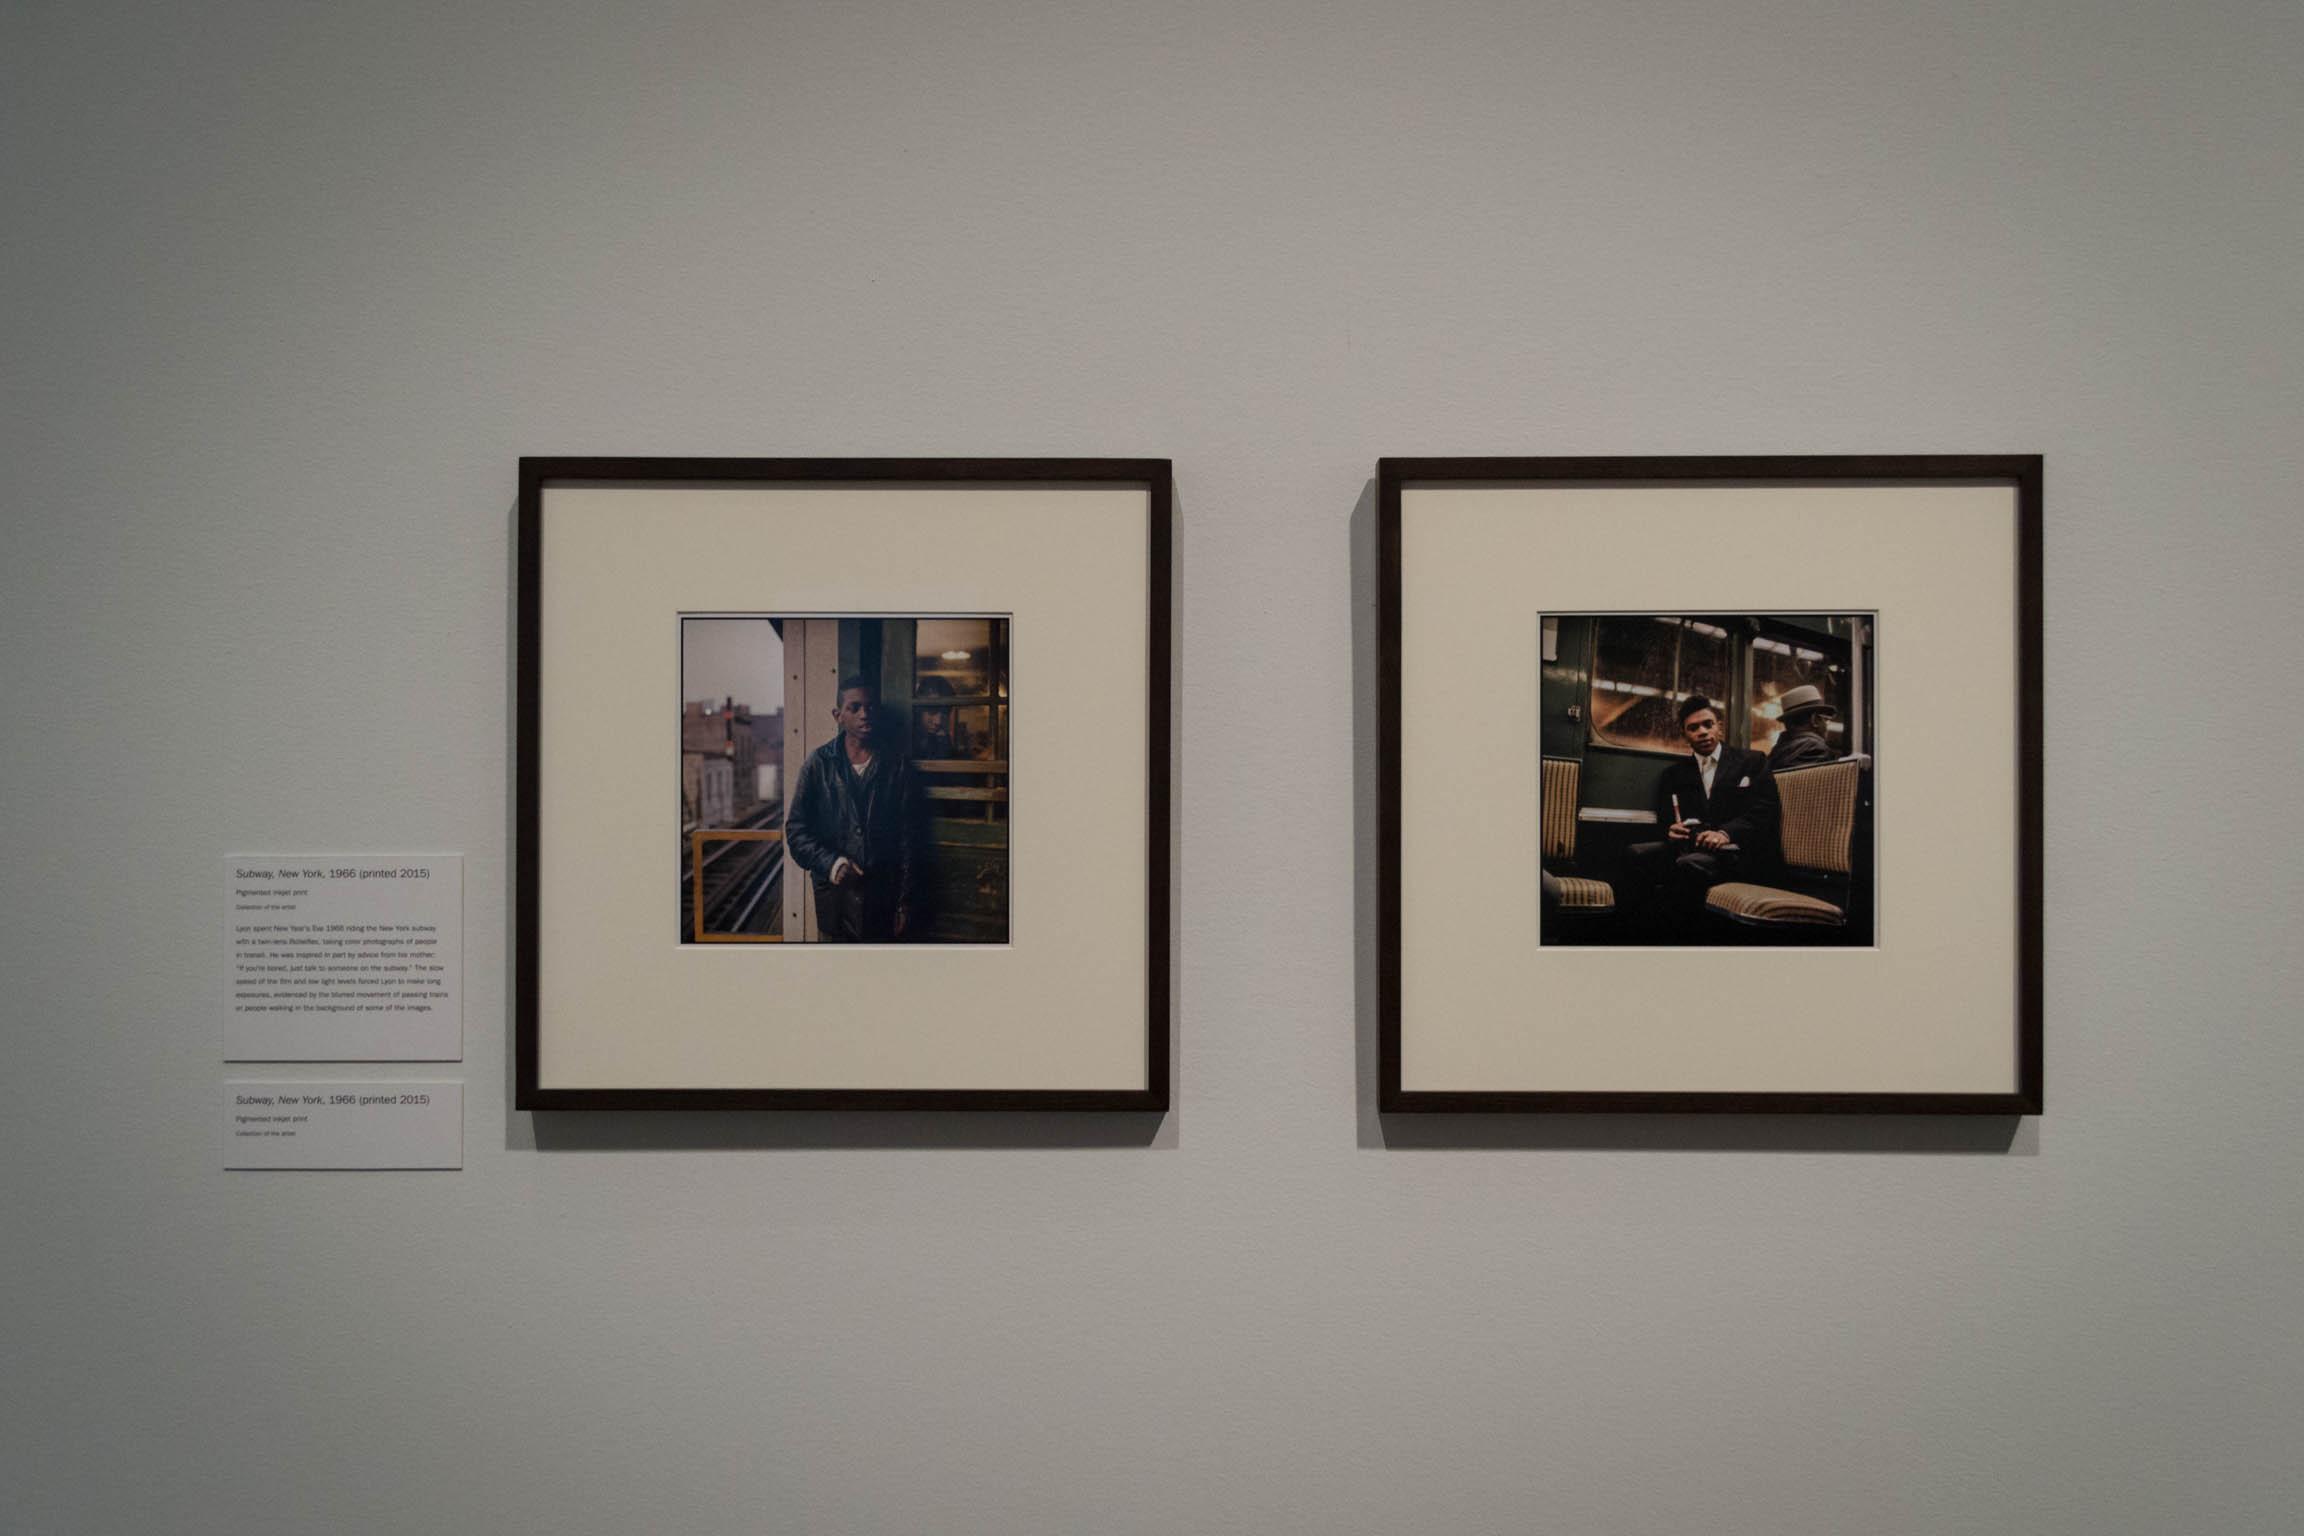 Deux photographies de Danny Lyon